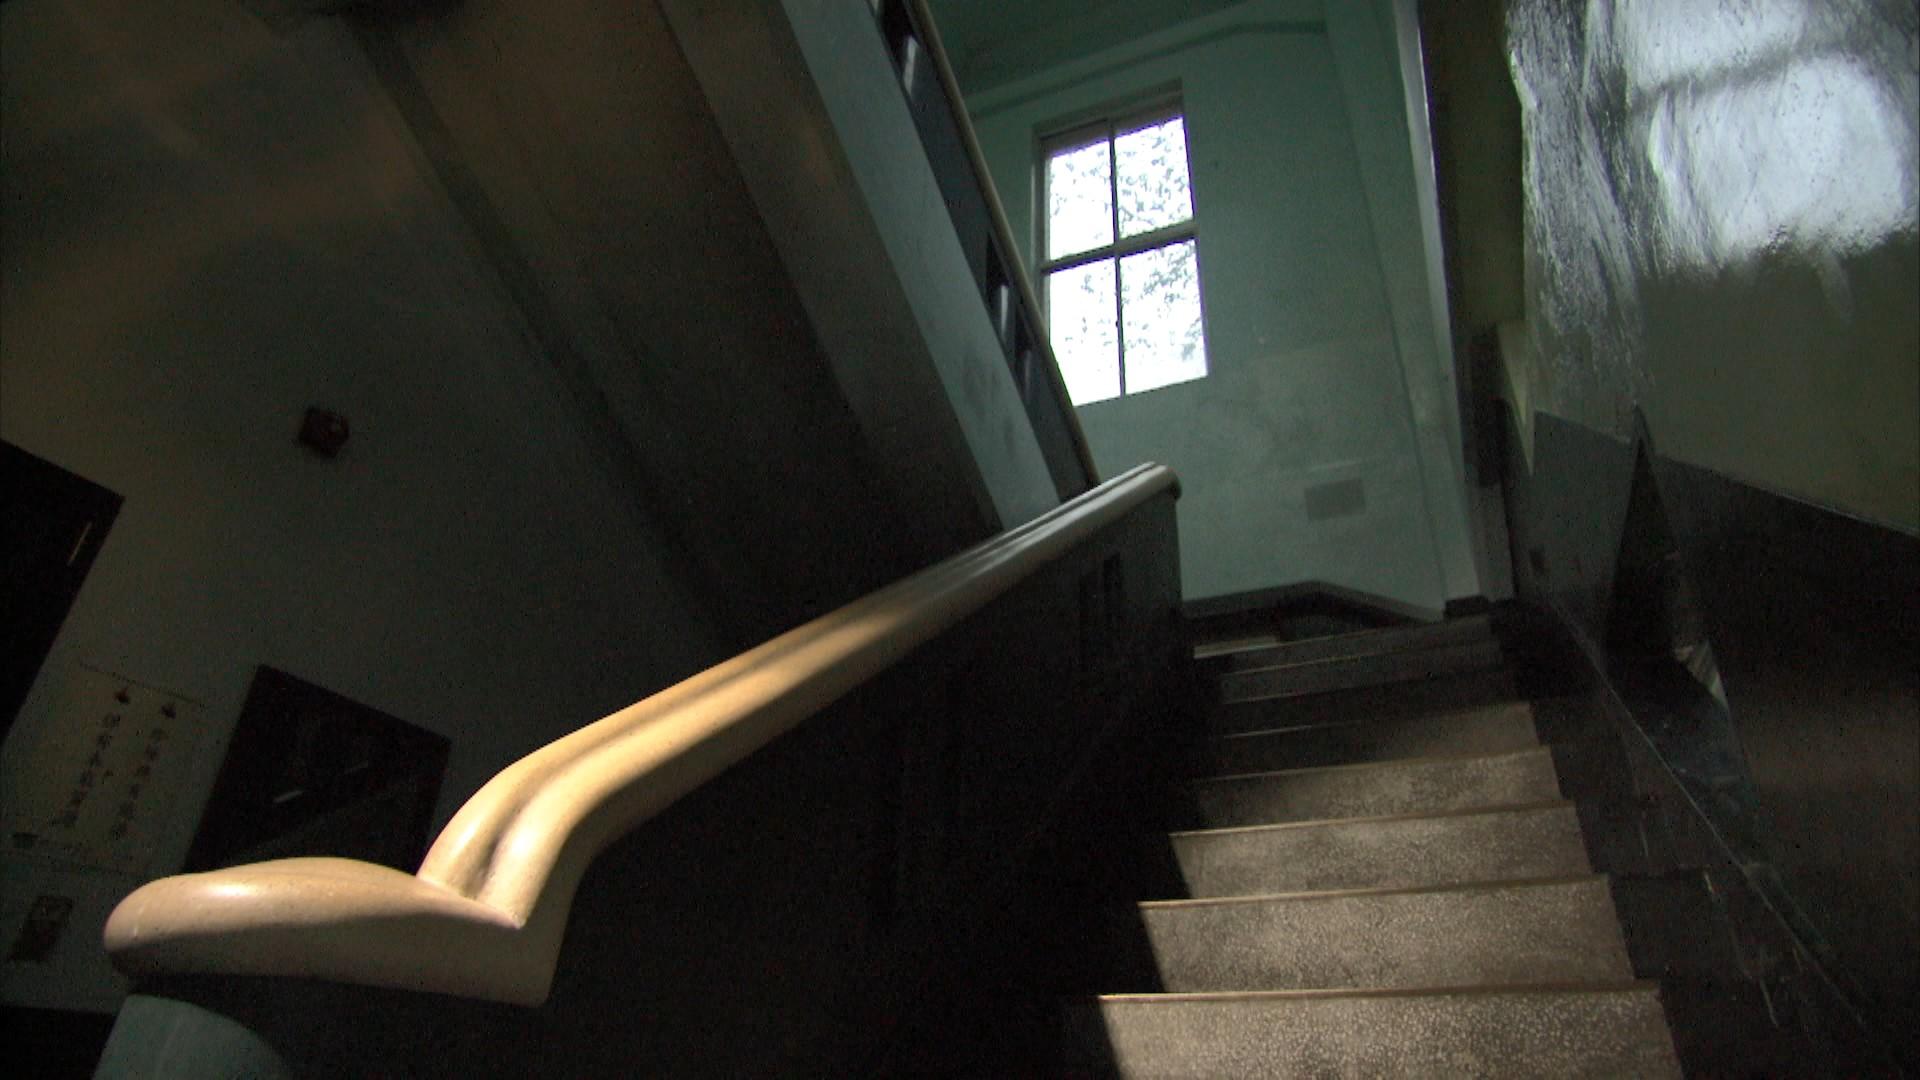 桂山電廠日本式建築構造:電廠的建築室內構造及門窗仍保留完整日本時期風貌,發電機亦為昭和年代所製機器,並運作至今。